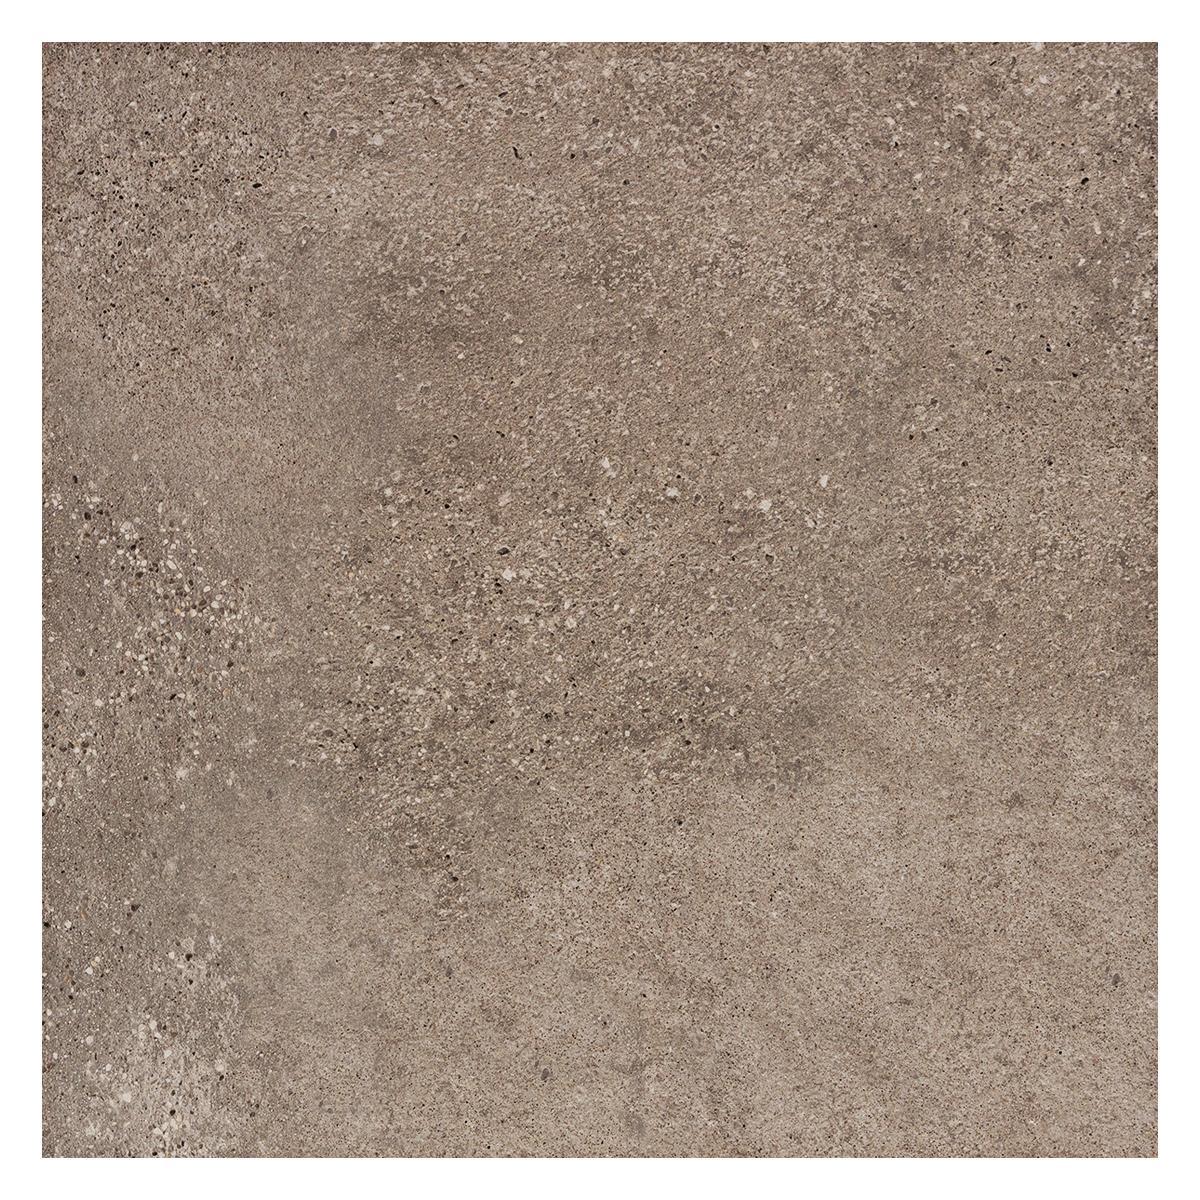 Porcelanato Oslo Gris Semi Brillante - 60X60 cm - 1.44 m2